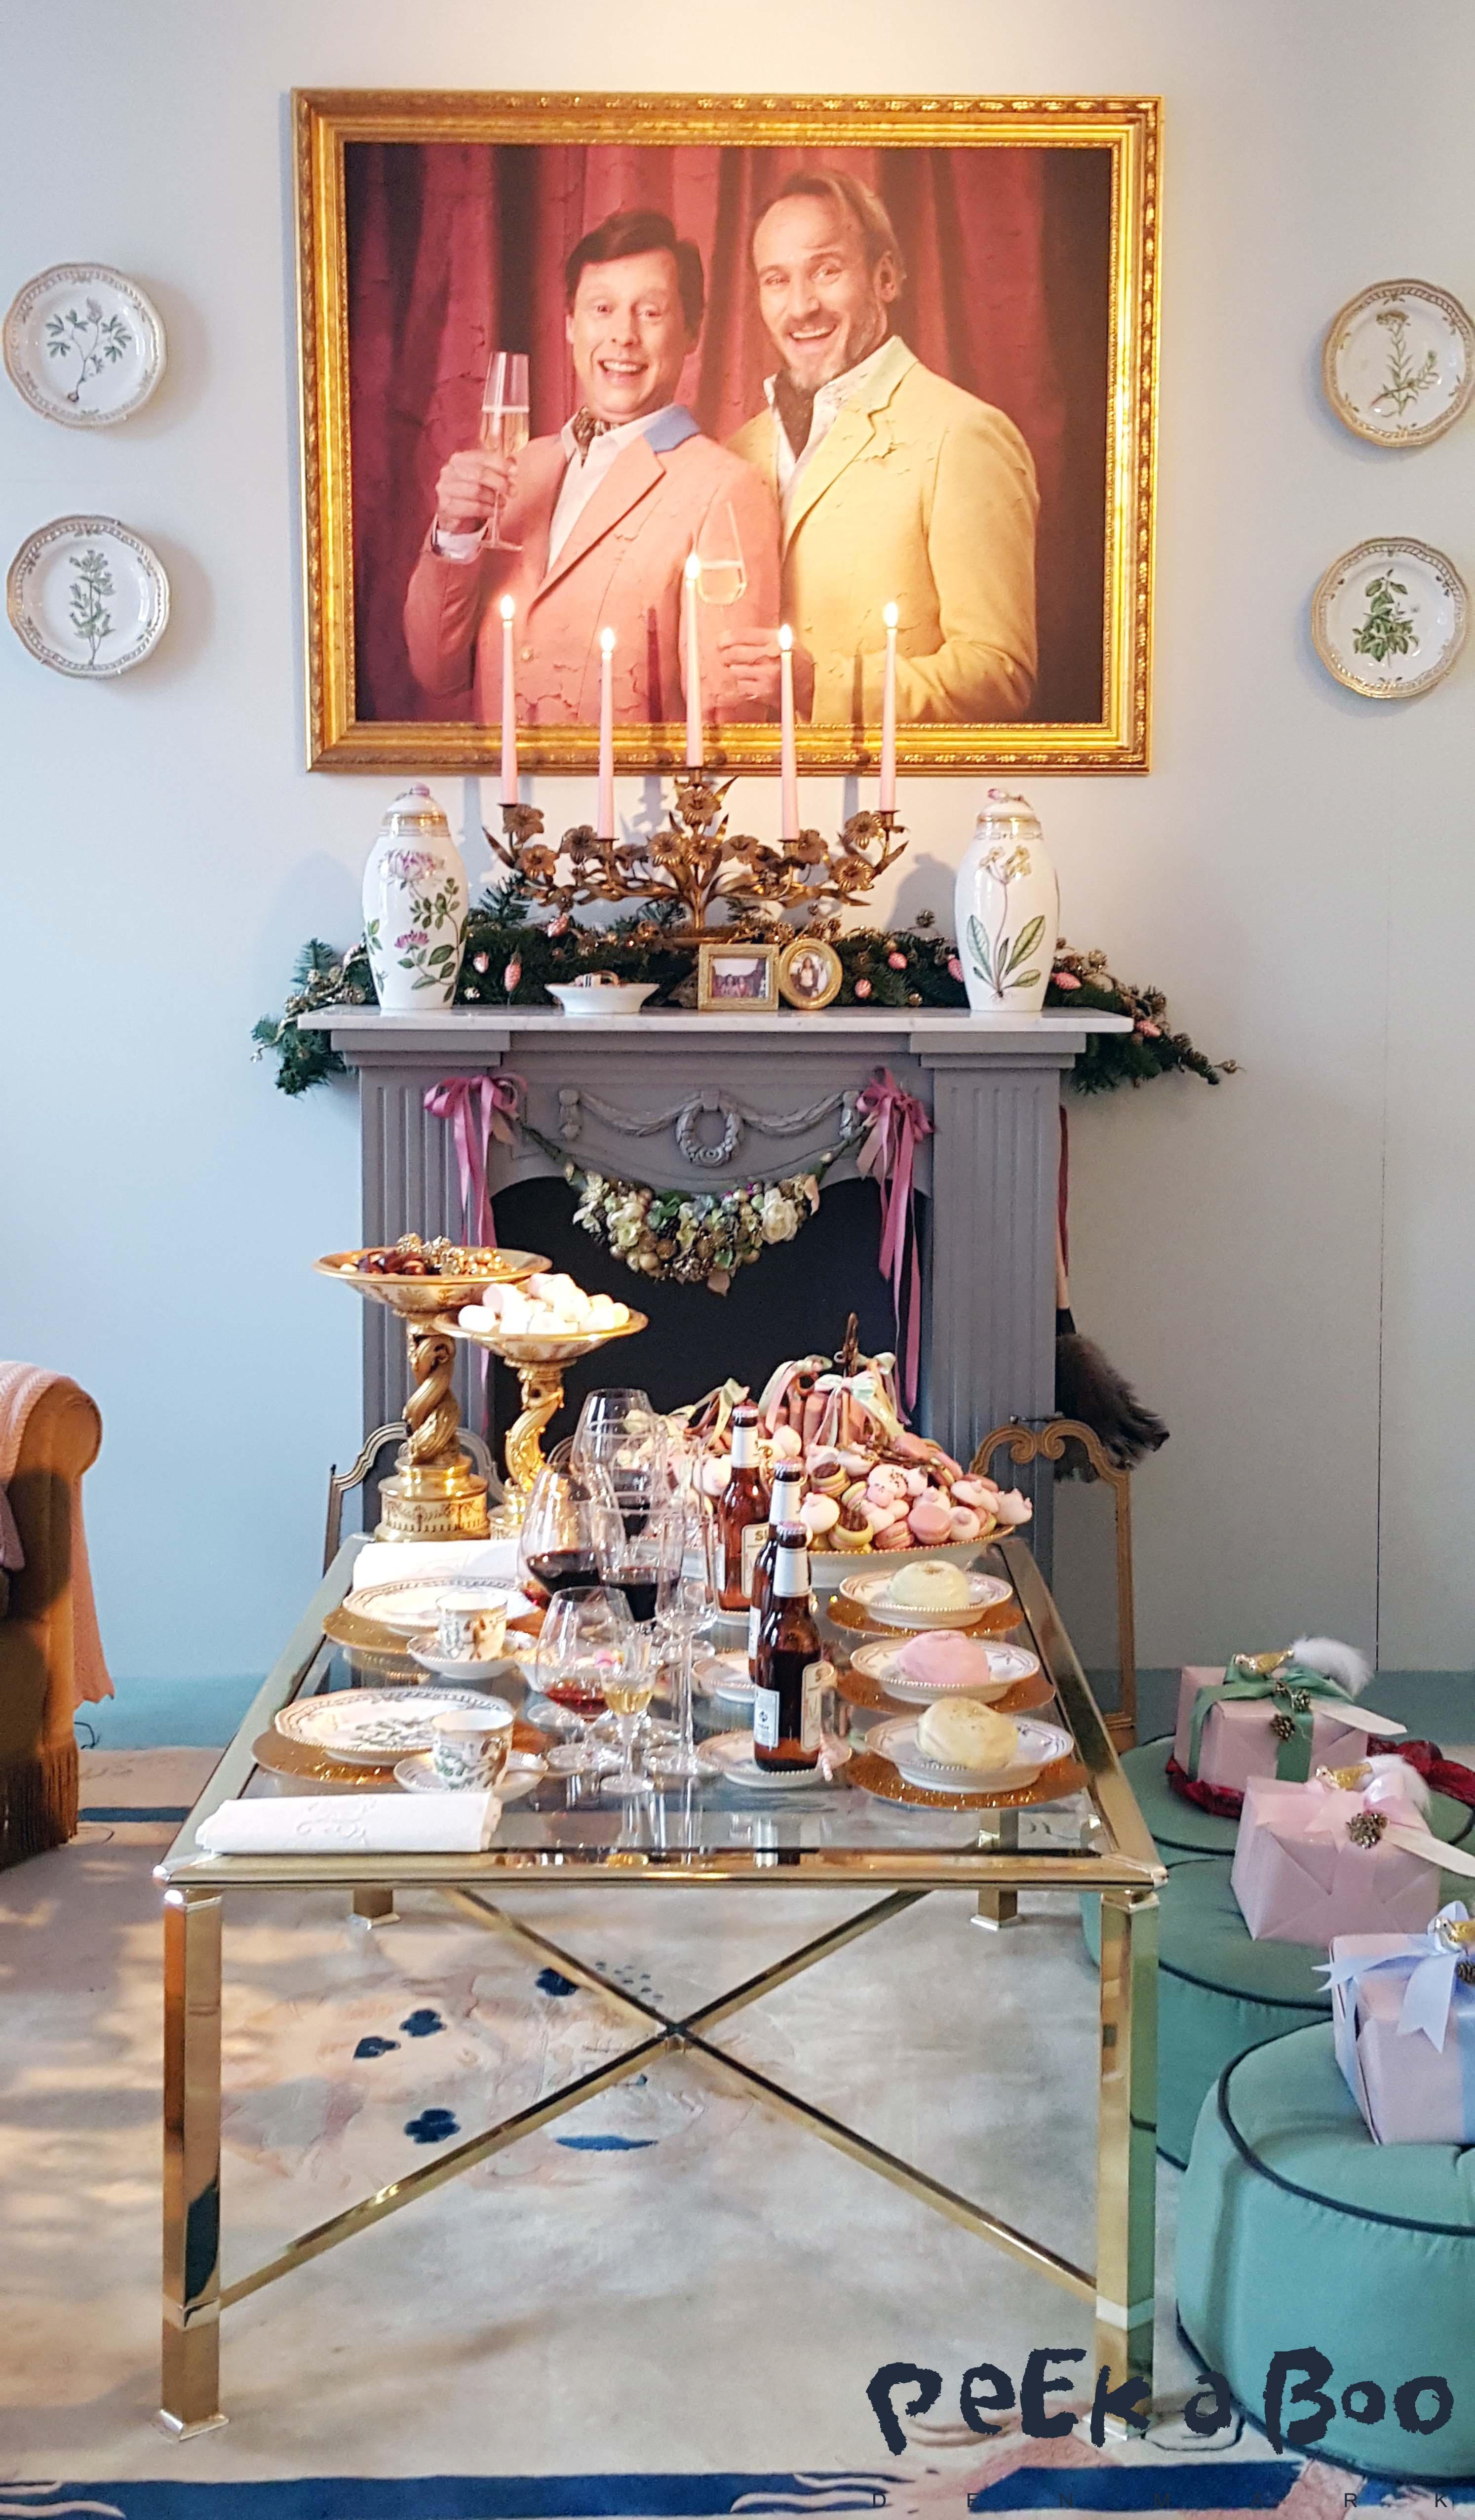 Snobberne Fritz og Poul's stue, hvor der er dækket op i deres foretrukne pastelfarver, og der er kinesiske øl til de tre aupair piger og i dagens anledning også sugerør. De lyserøde macaroes er formet som bryster, og juletræet er overdænget med med glimmer. Bag dette står skuespillerne Rasmus Botoft og Martin Buch.